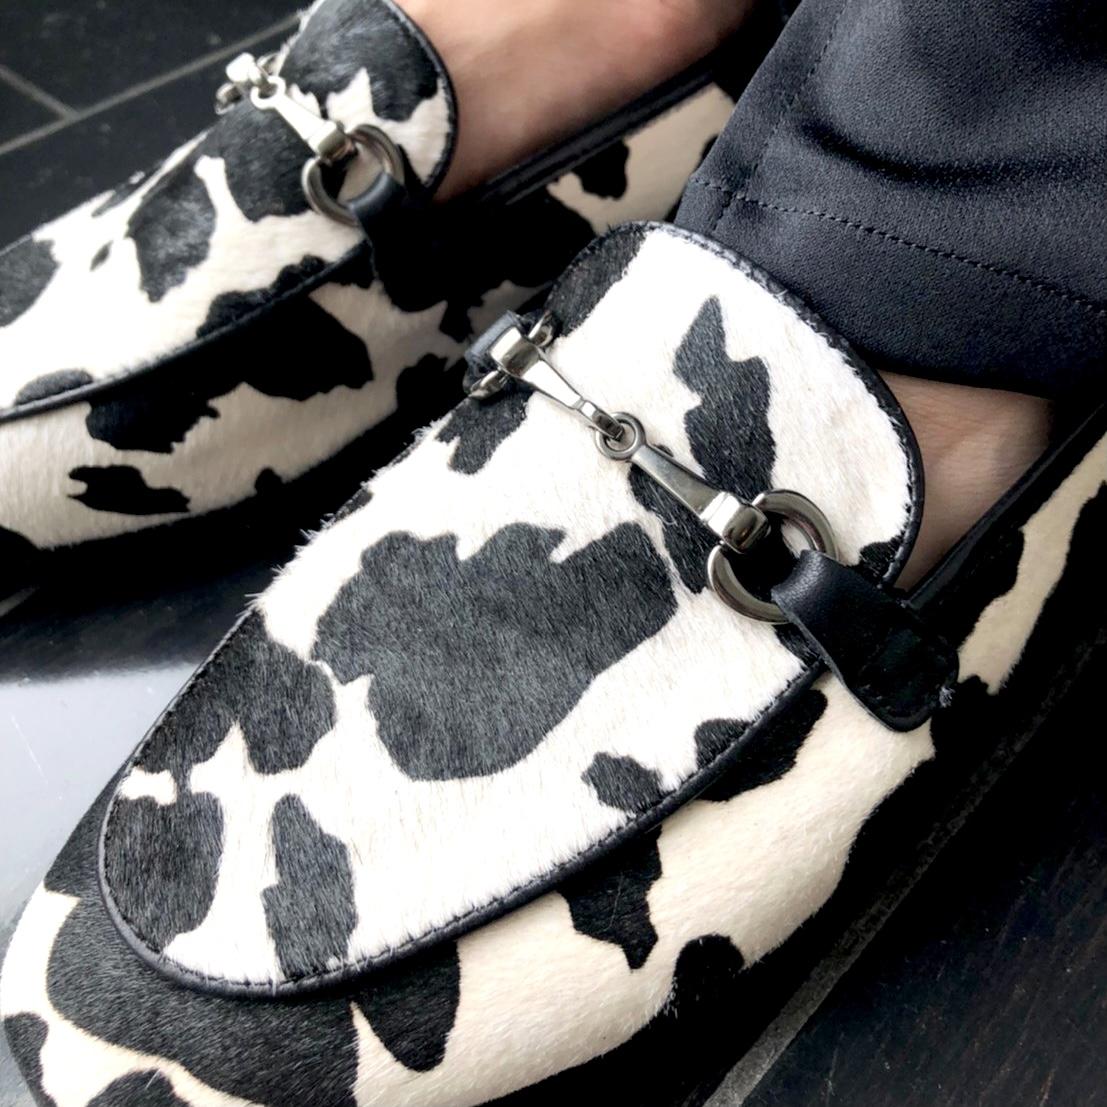 scrap book スクラップブック 有楽町マルイ オリジナルシューズ original shoes  ローファー Loafer  牛柄 ダルメシアン柄 履きやすい 合わせやすい ベージュ beige black ブラック